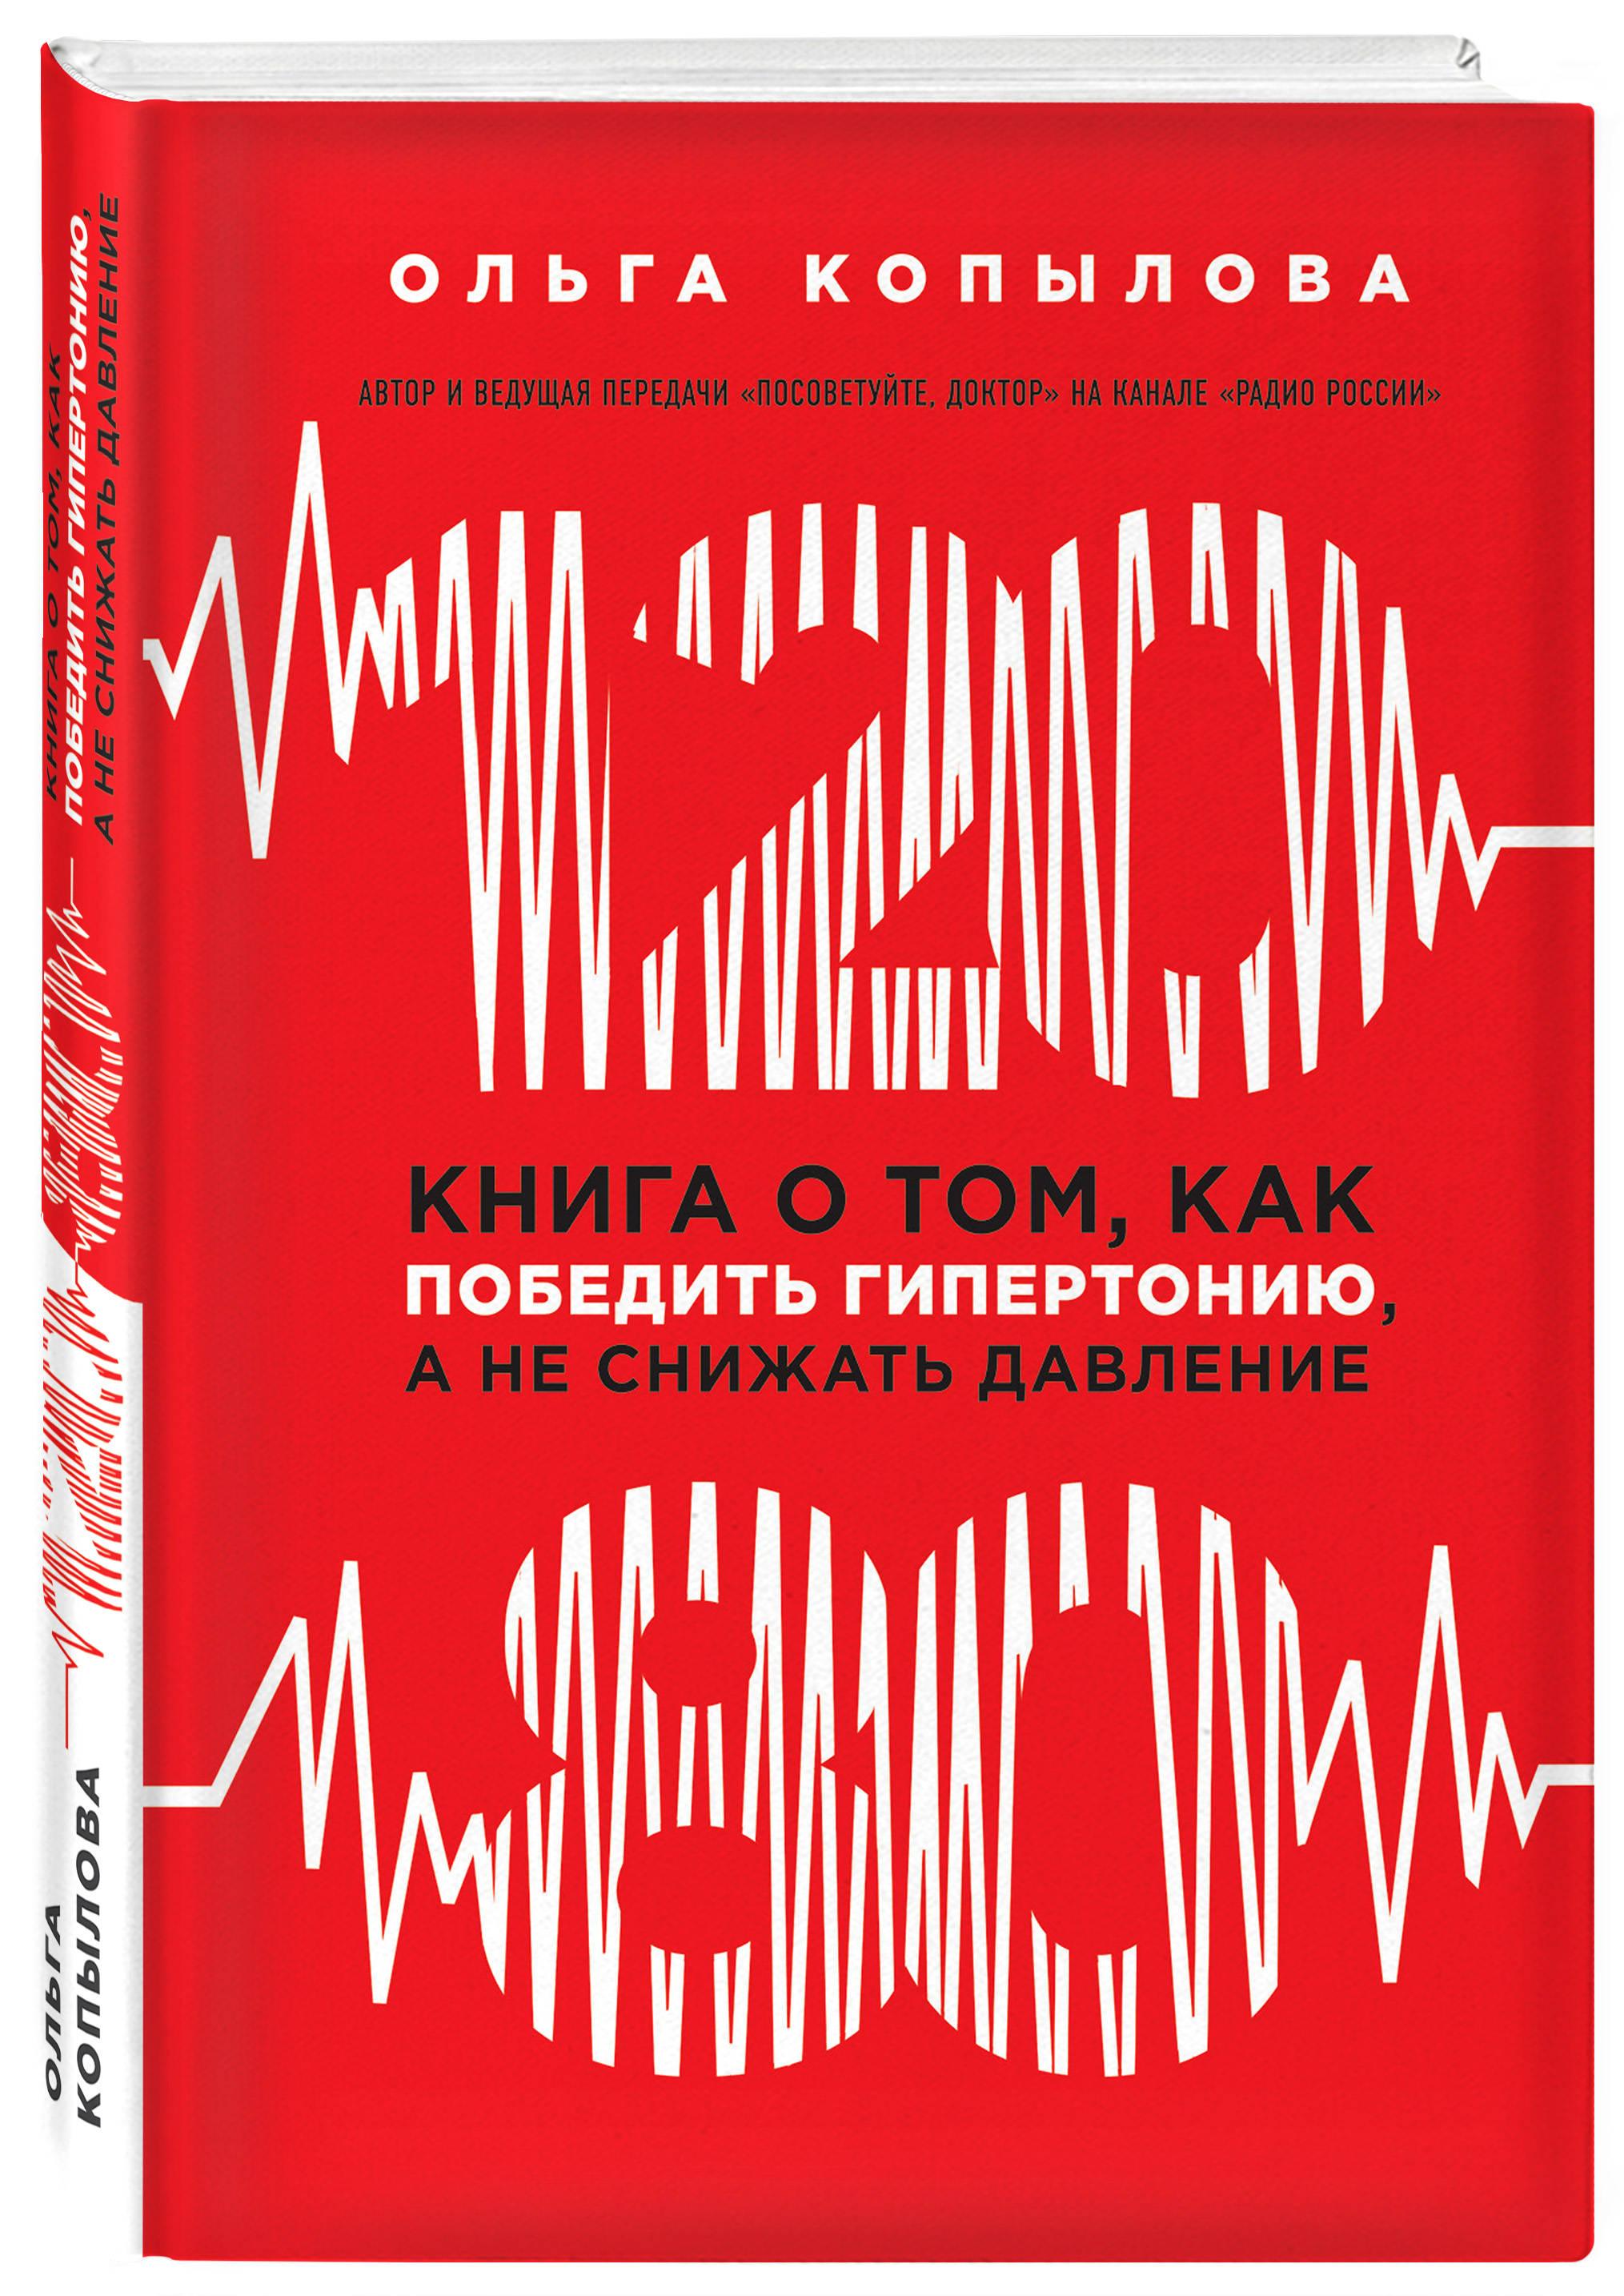 Копылова О.С. 120 на 80. Книга о том, как победить гипертонию, а не снижать давление (новое оформление) ISBN: 978-5-04-089981-4 ольга копылова высокое давление как взять гипертонию под контроль